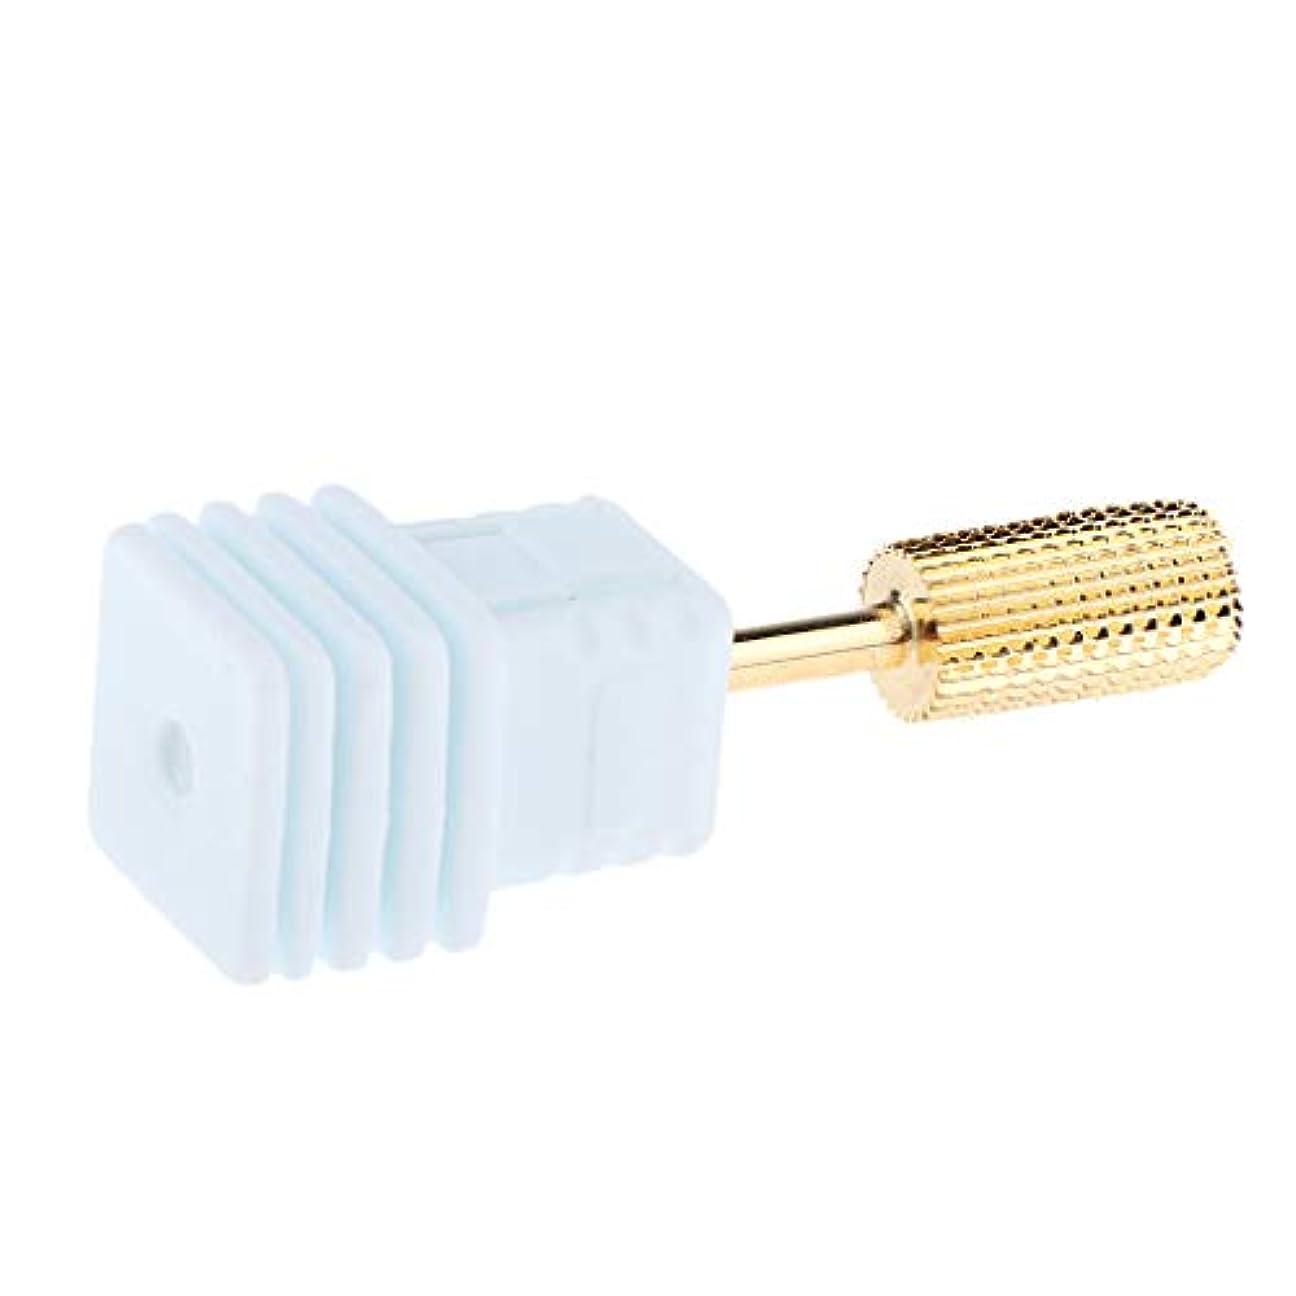 セージ騒乱味わうネイルドリルビットセットバレルヘッド電動ドリルビット粗研削工具 - ゴールドM